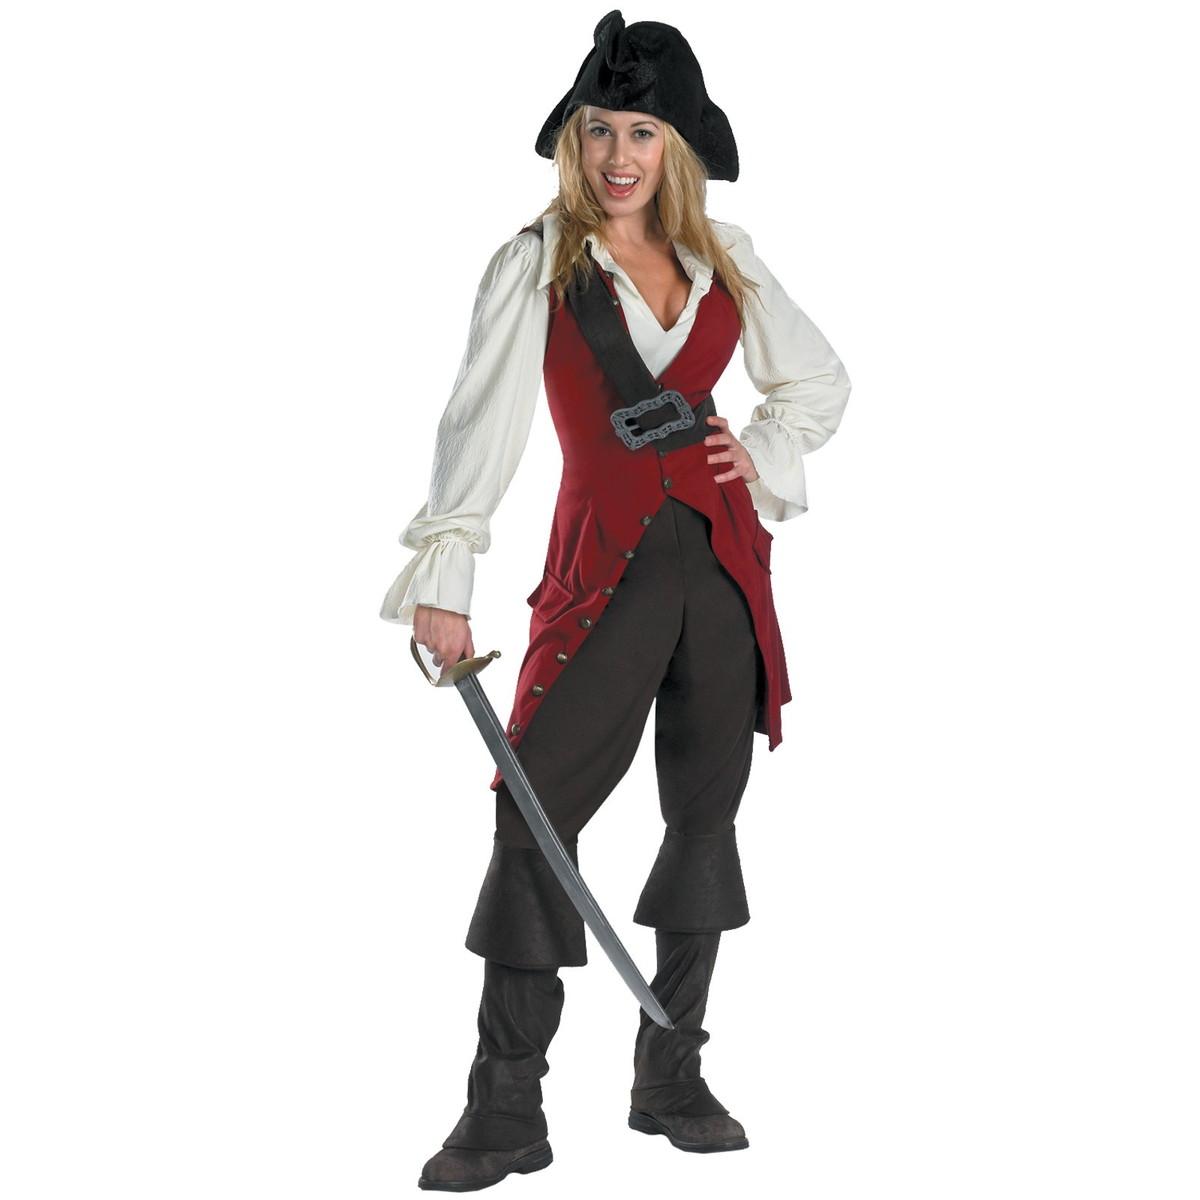 パイレーツ・オブ・カリビアン 生命の泉 エリザベス 海賊 コスチュームパーティー ハロウィン コスチューム